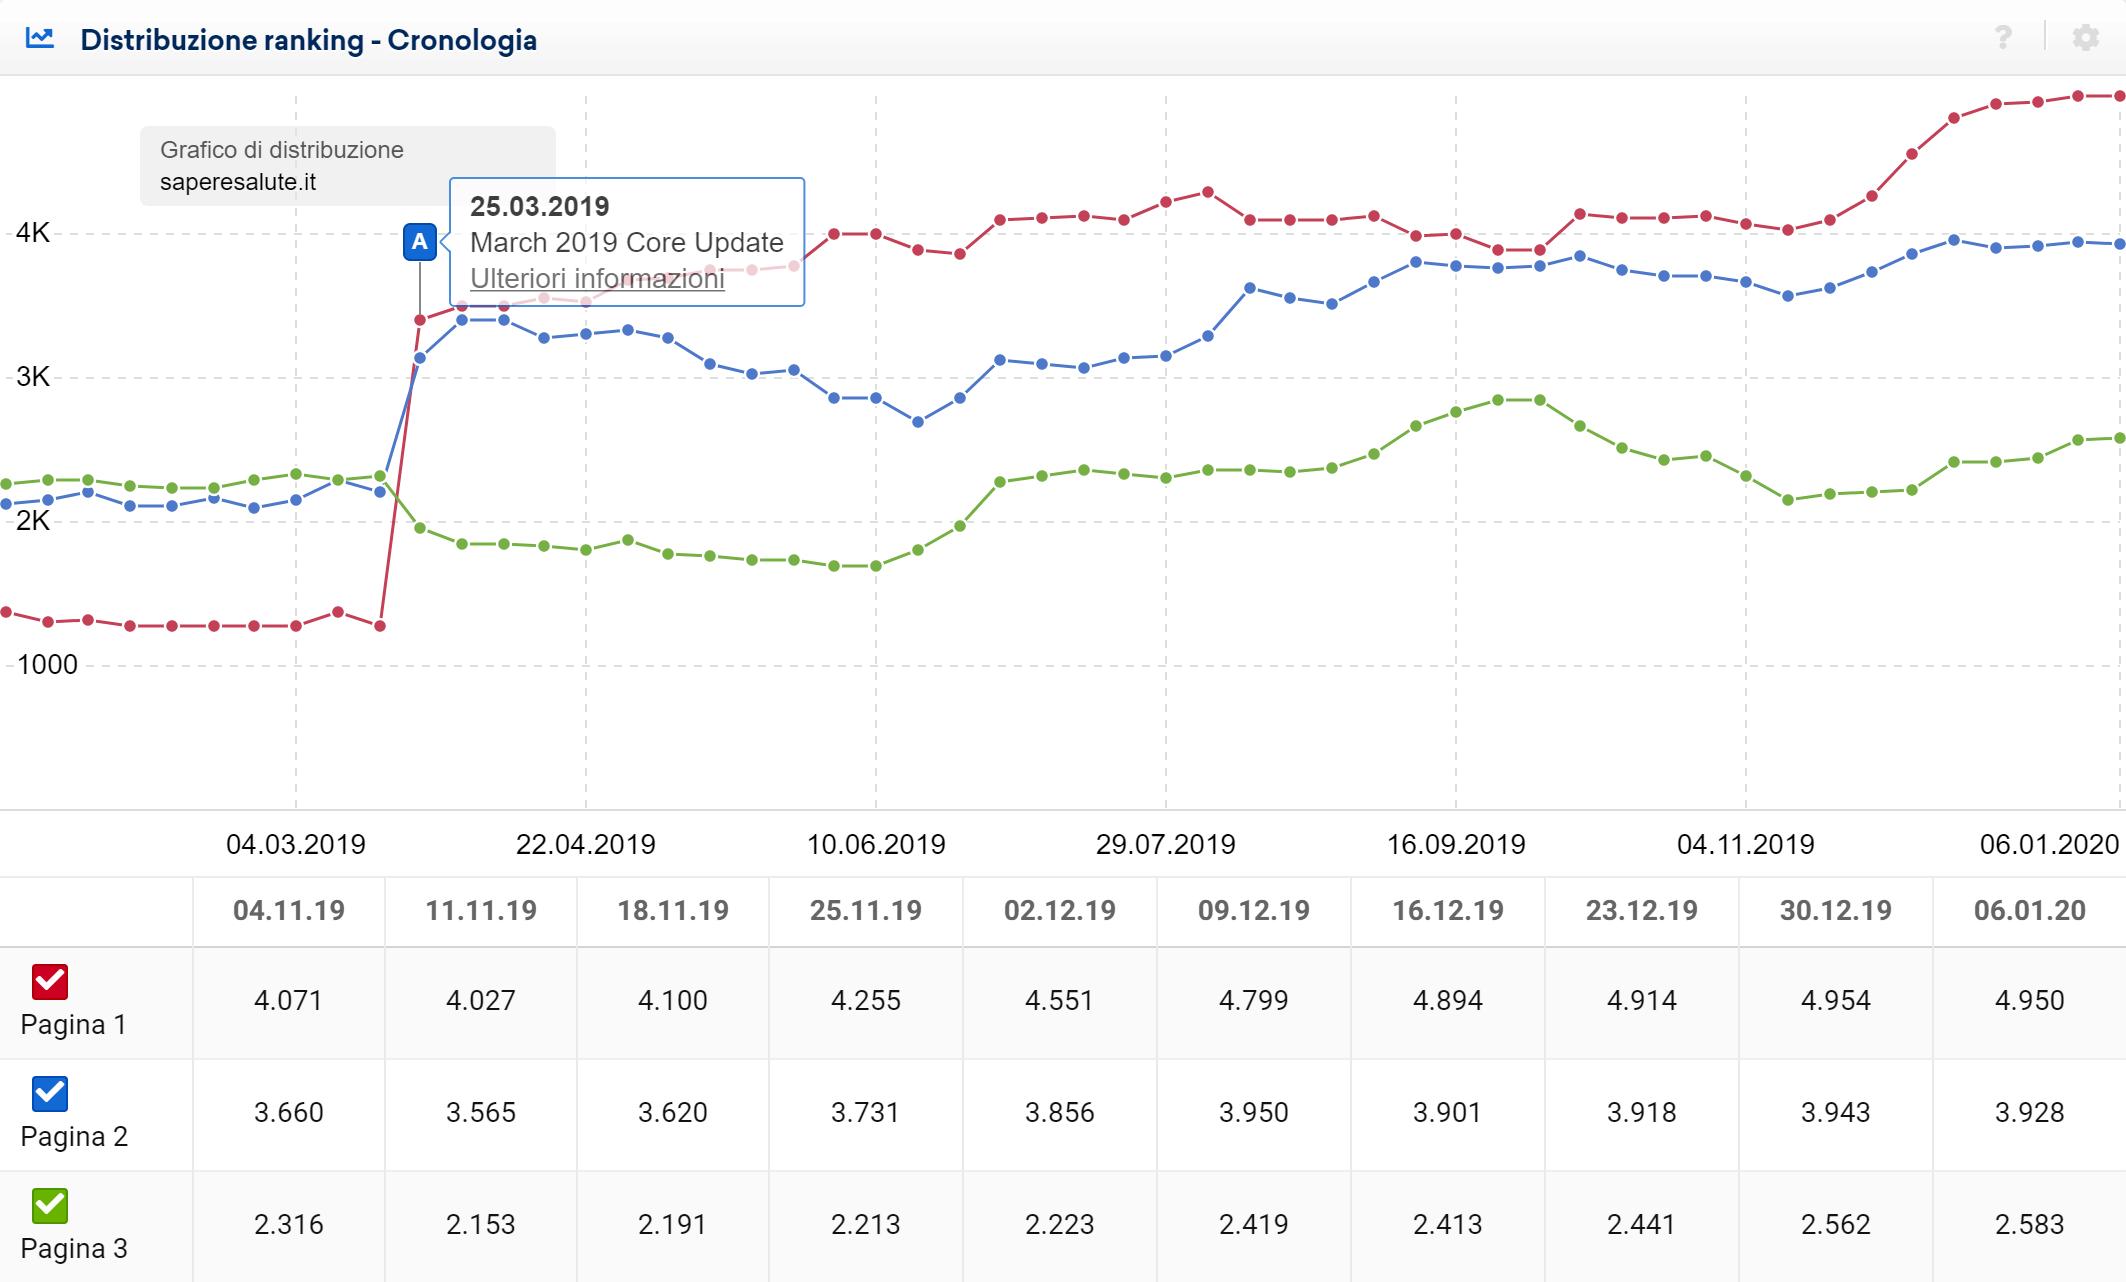 Toolbox SISTRIX: grafico della distribuzione delle keyword di ranking nelle prime tre pagine per saperesalute.it